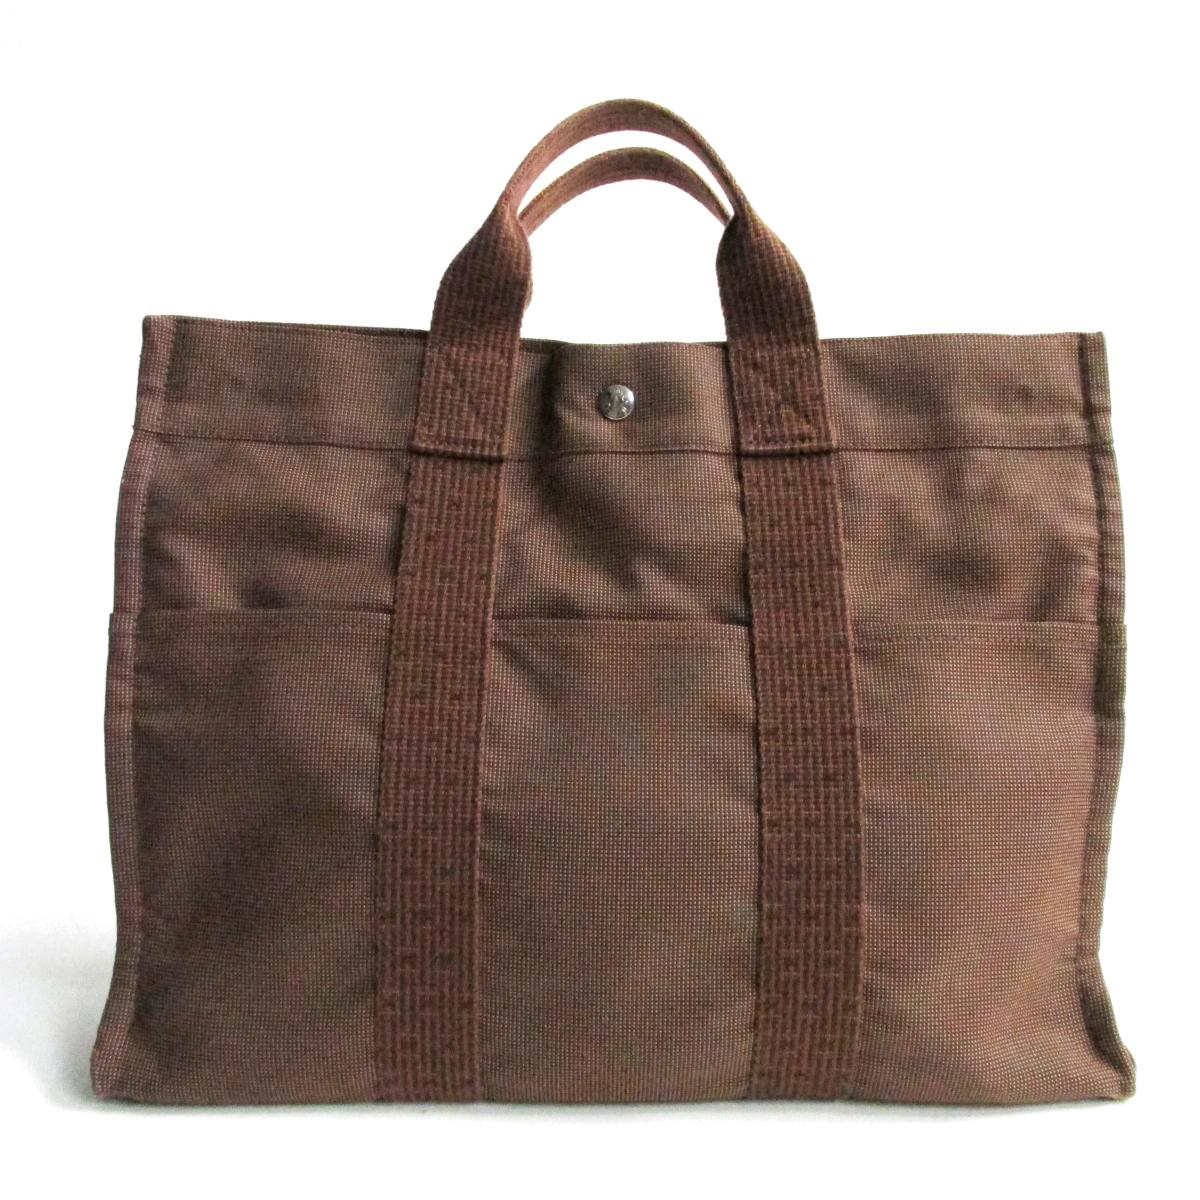 【中古】 エルメス エールライントートMM ハンドバッグ メンズ レディース ナイロン ブラウン   HERMES トートバッグ ハンドバック バッグ バック BAG カバン 鞄 ブランドバッグ ブランドバック ブランドオフ